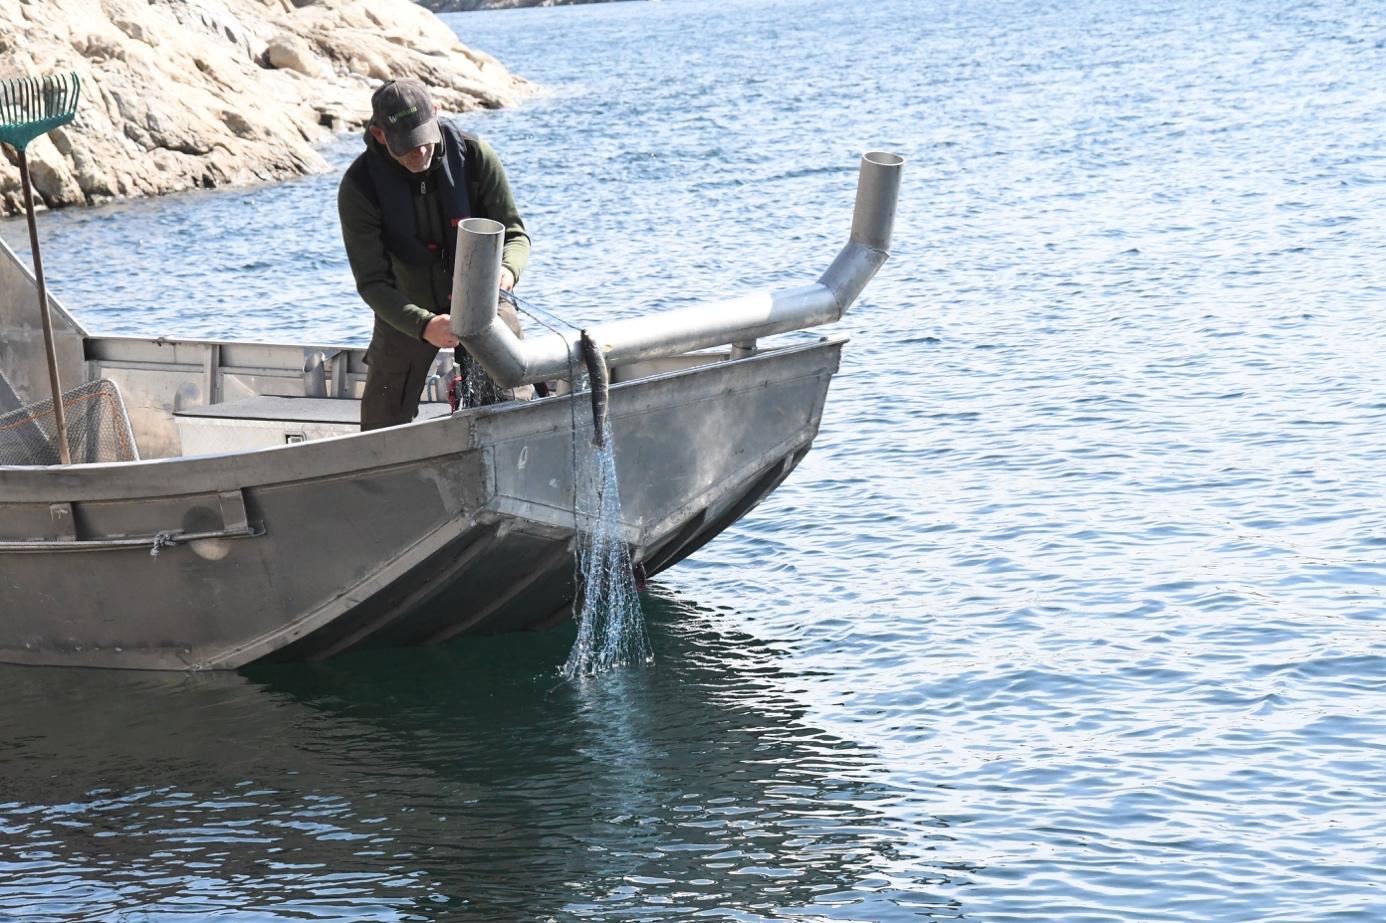 Et bilde som inneholder vann, utendørs, båt, transport  Automatisk generert beskrivelse